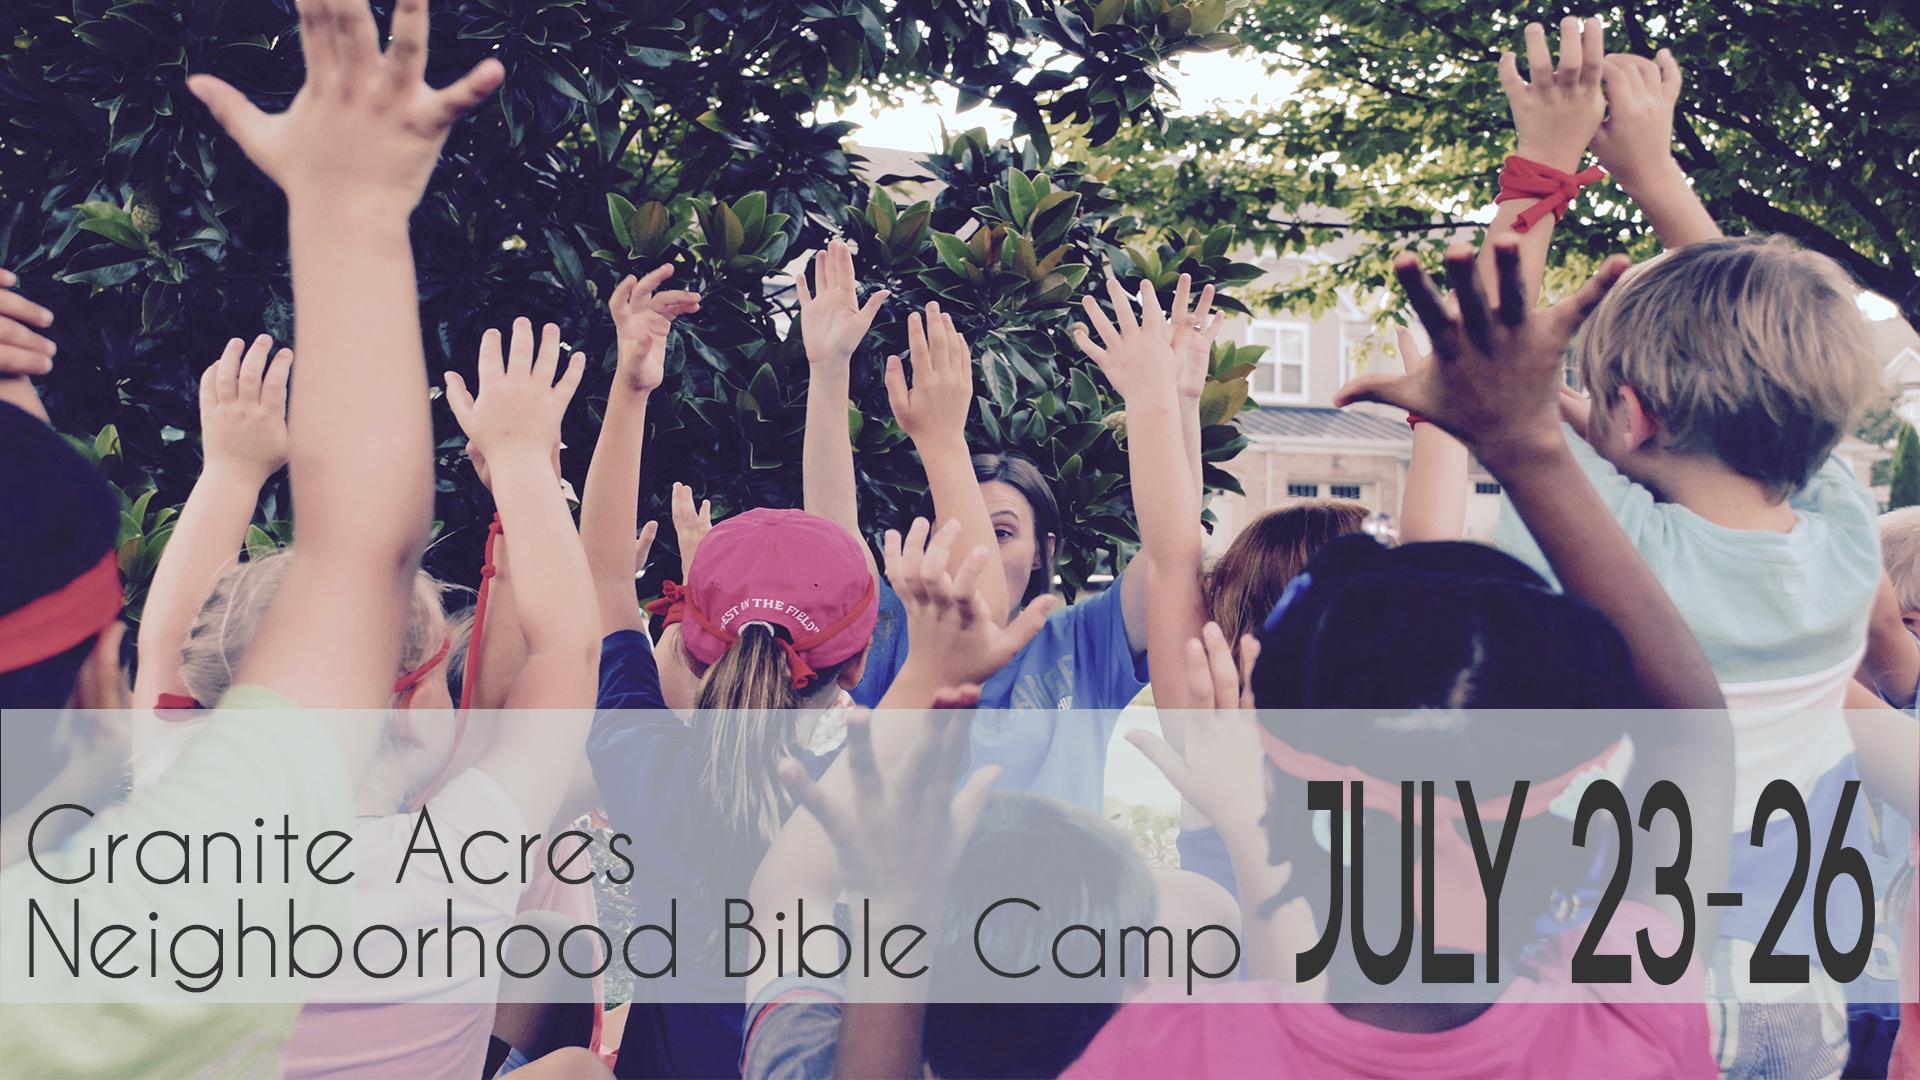 Neighborhood bible camp